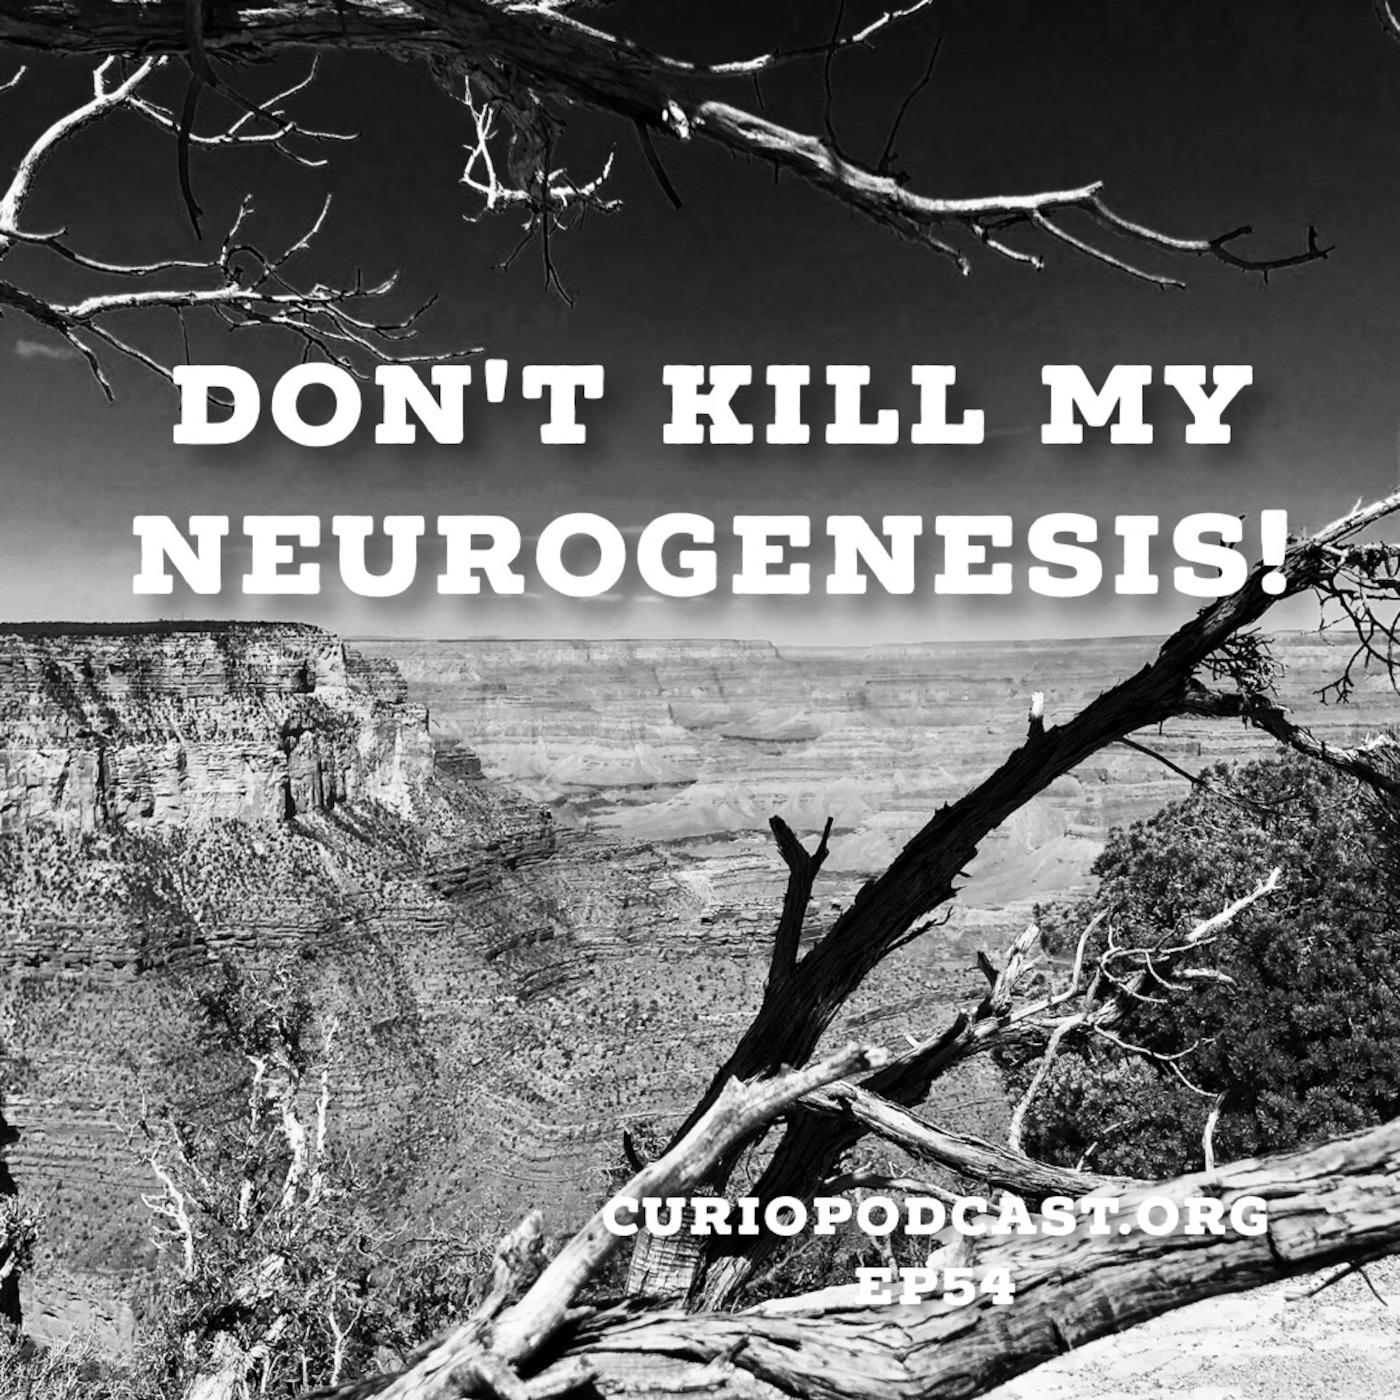 Don't Kill My Neurogenesis!